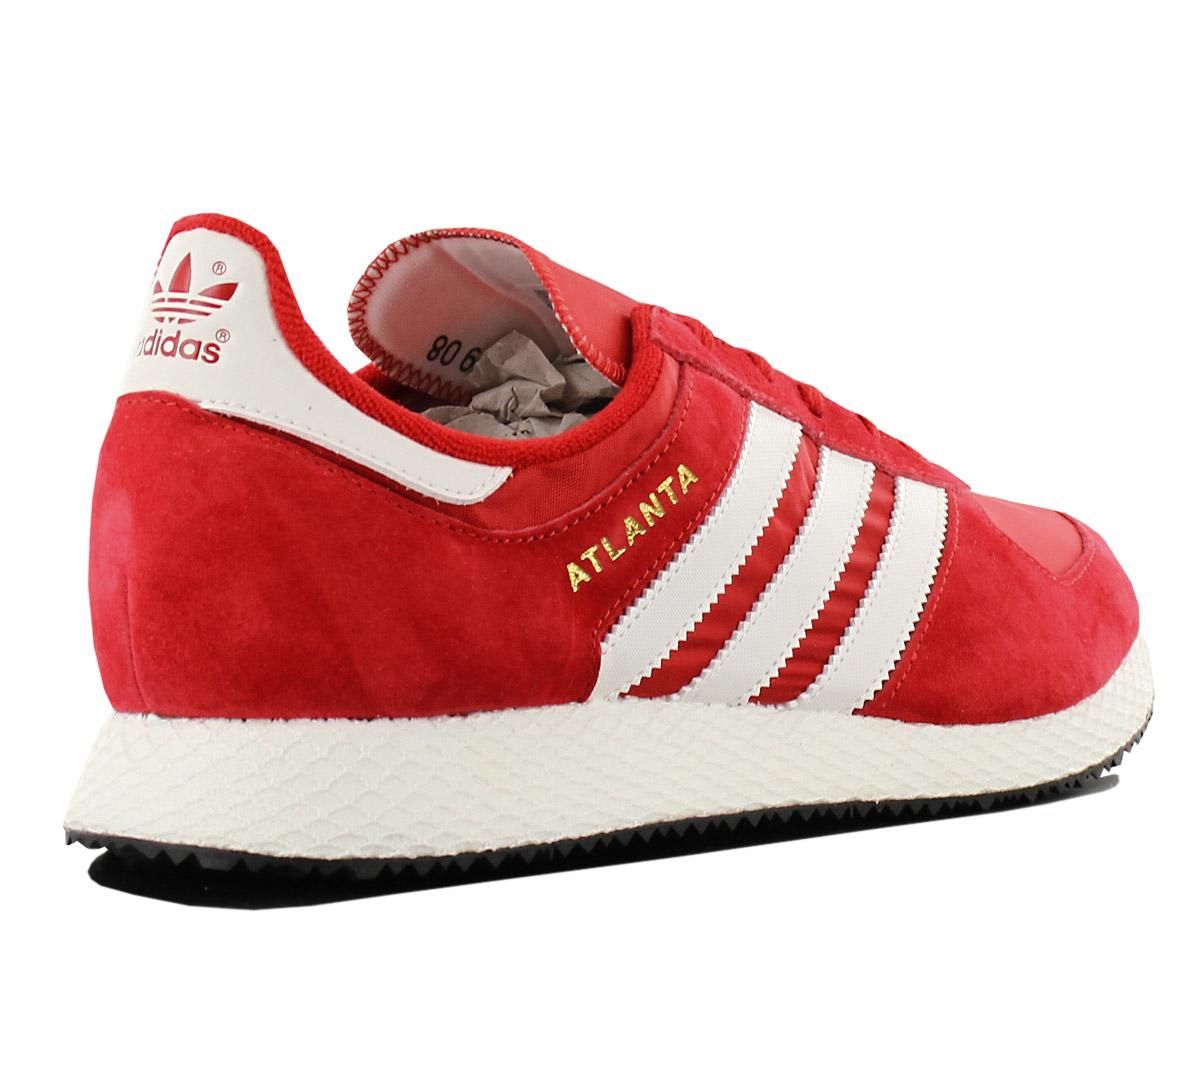 adidas Originals Atlanta Spezial Herren Schuhe Retro Sneaker